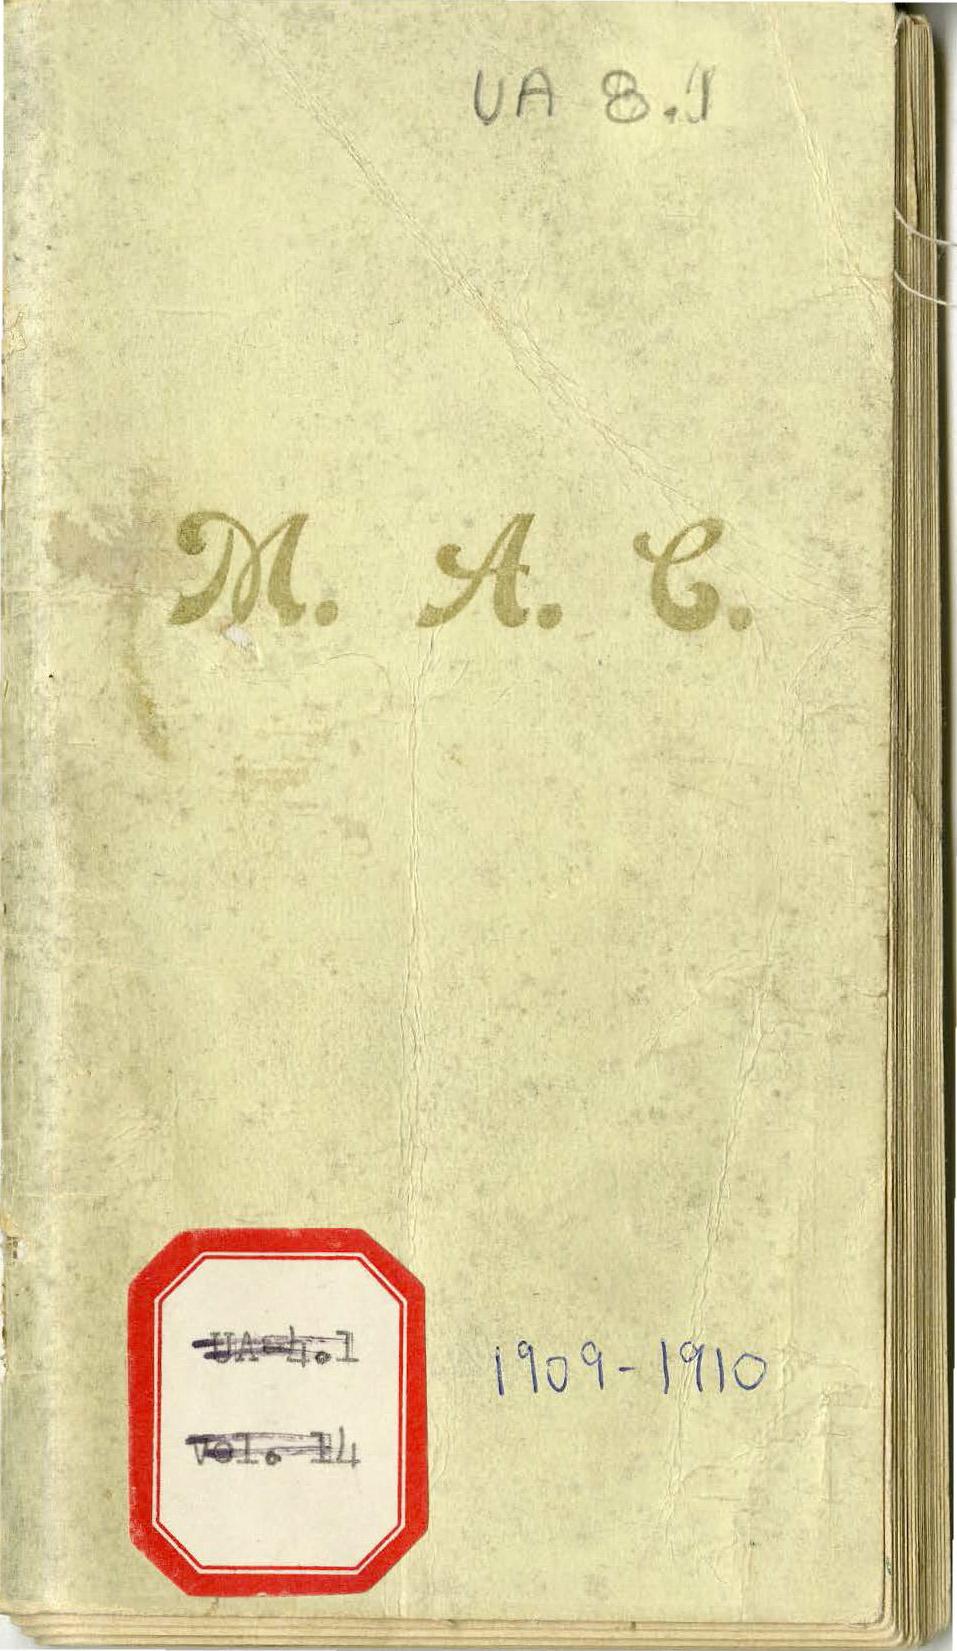 Student Handbook, 1909-1910